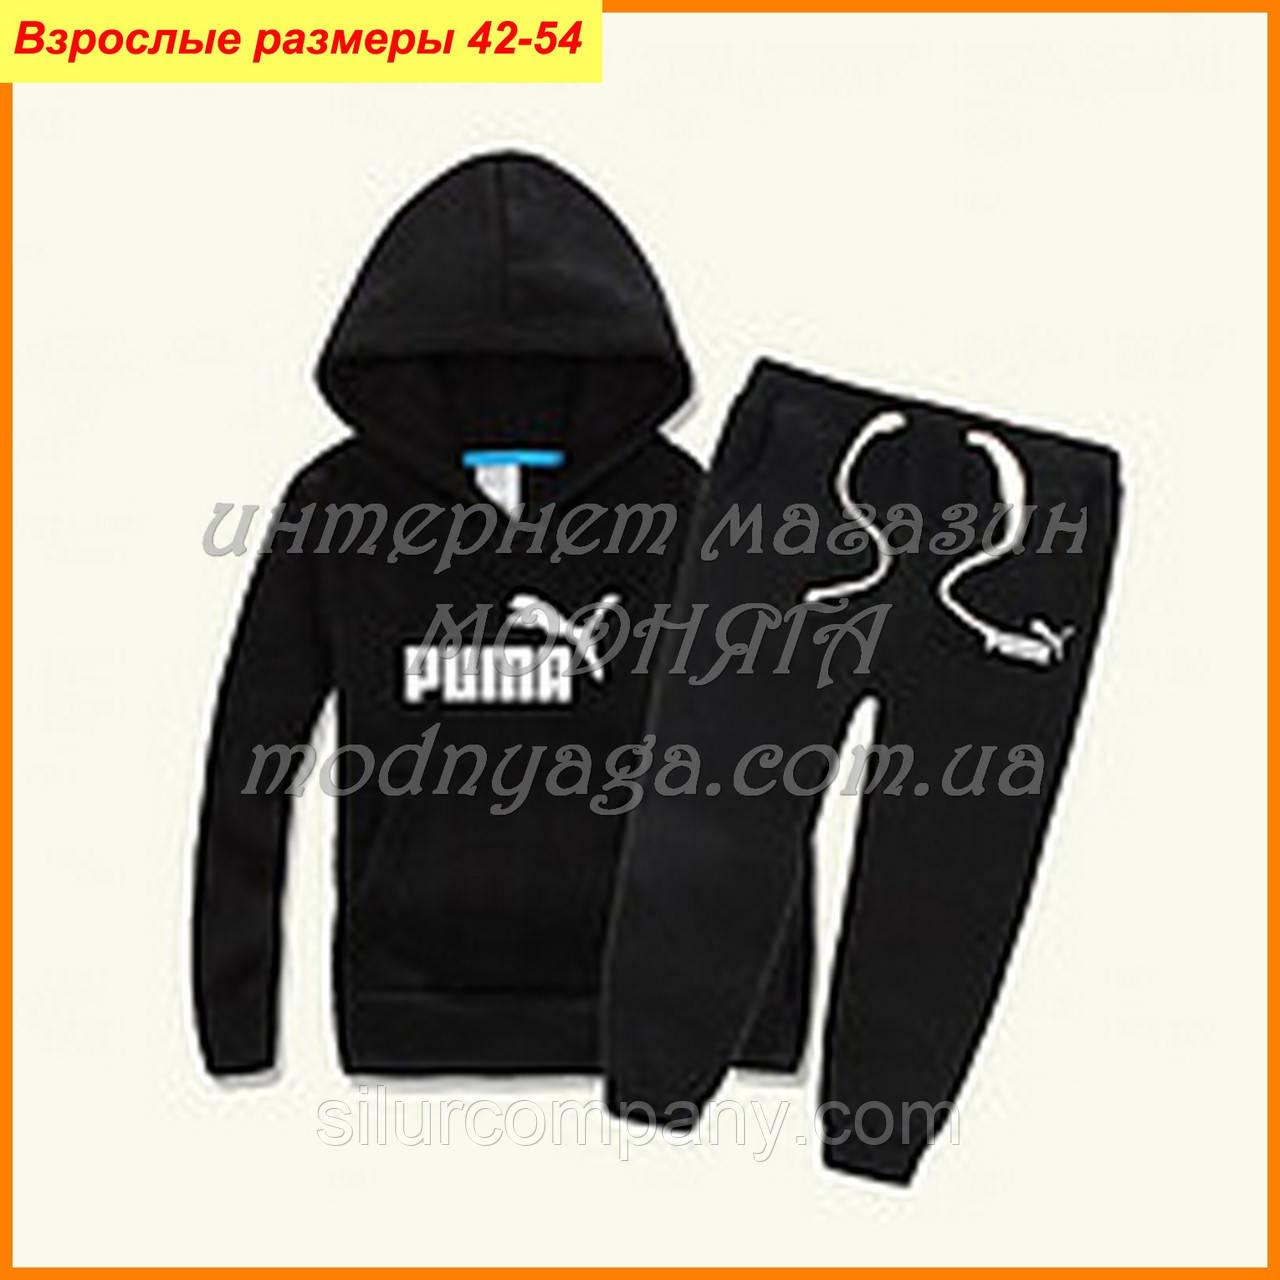 8e12063b Спортивные костюмы адидас Puma | Костюмы Индонезия - Интернет магазин